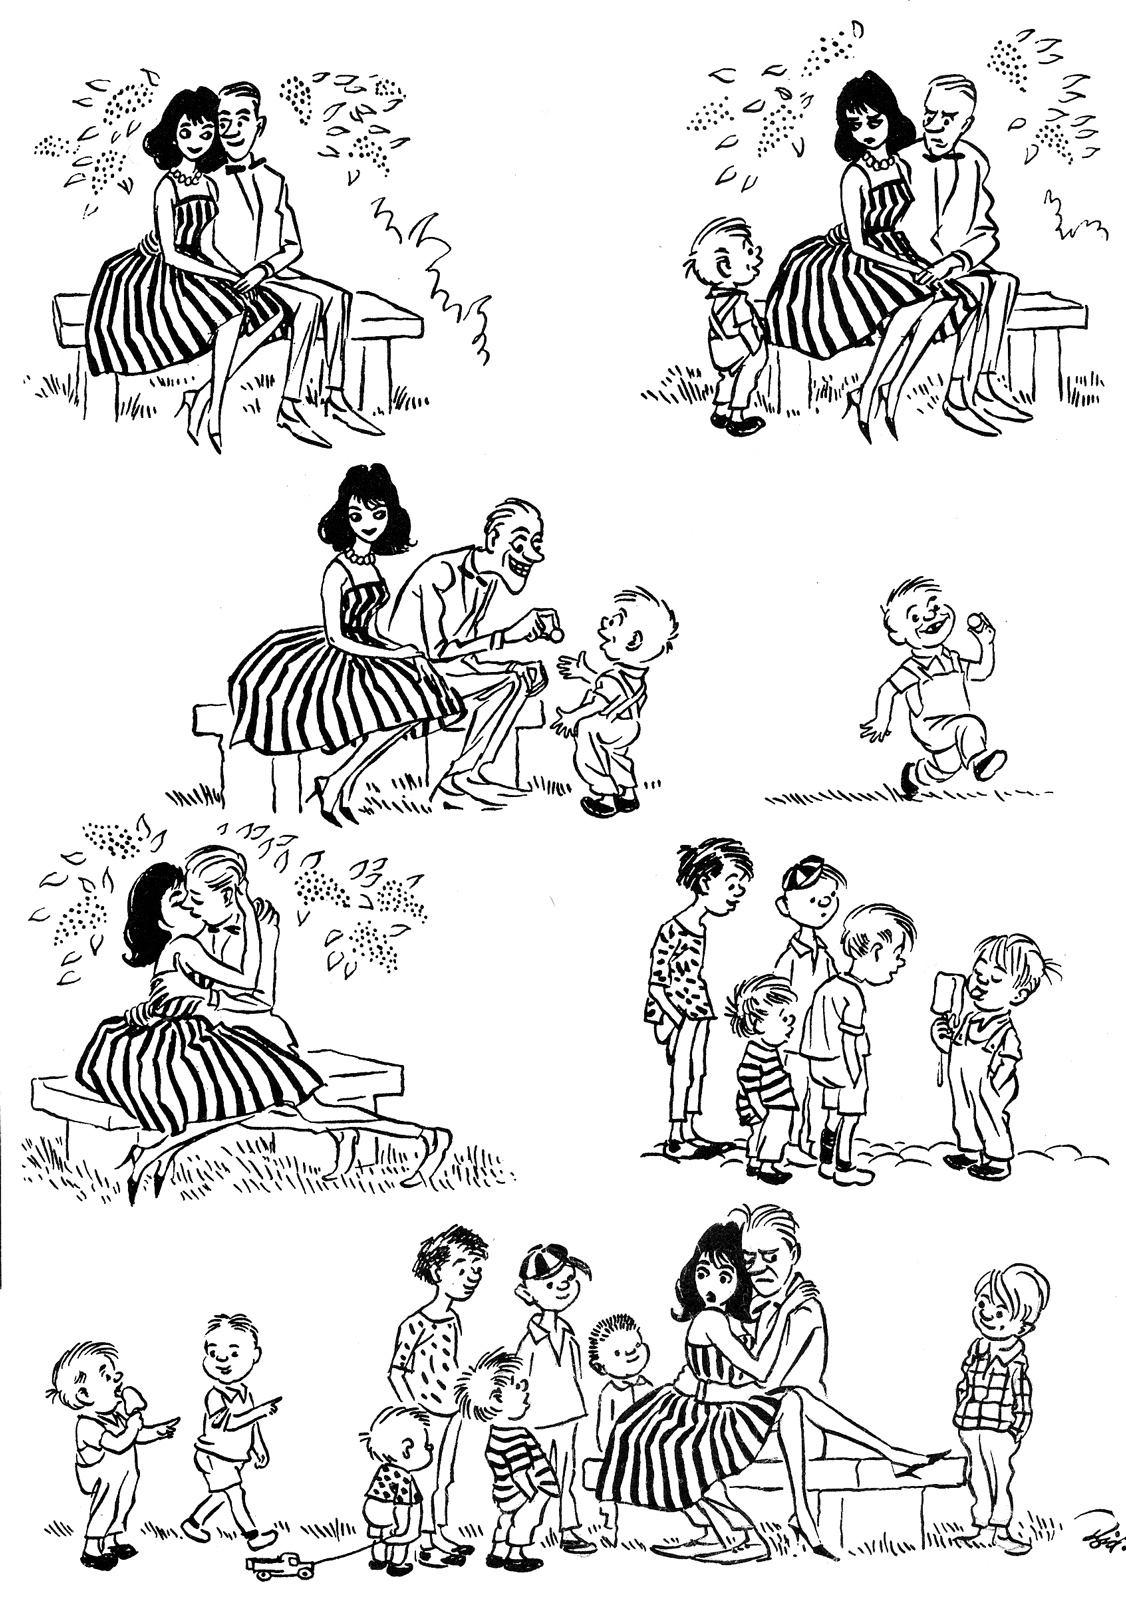 Herluf Bidstrup, pareja de enemorados, niños y helado